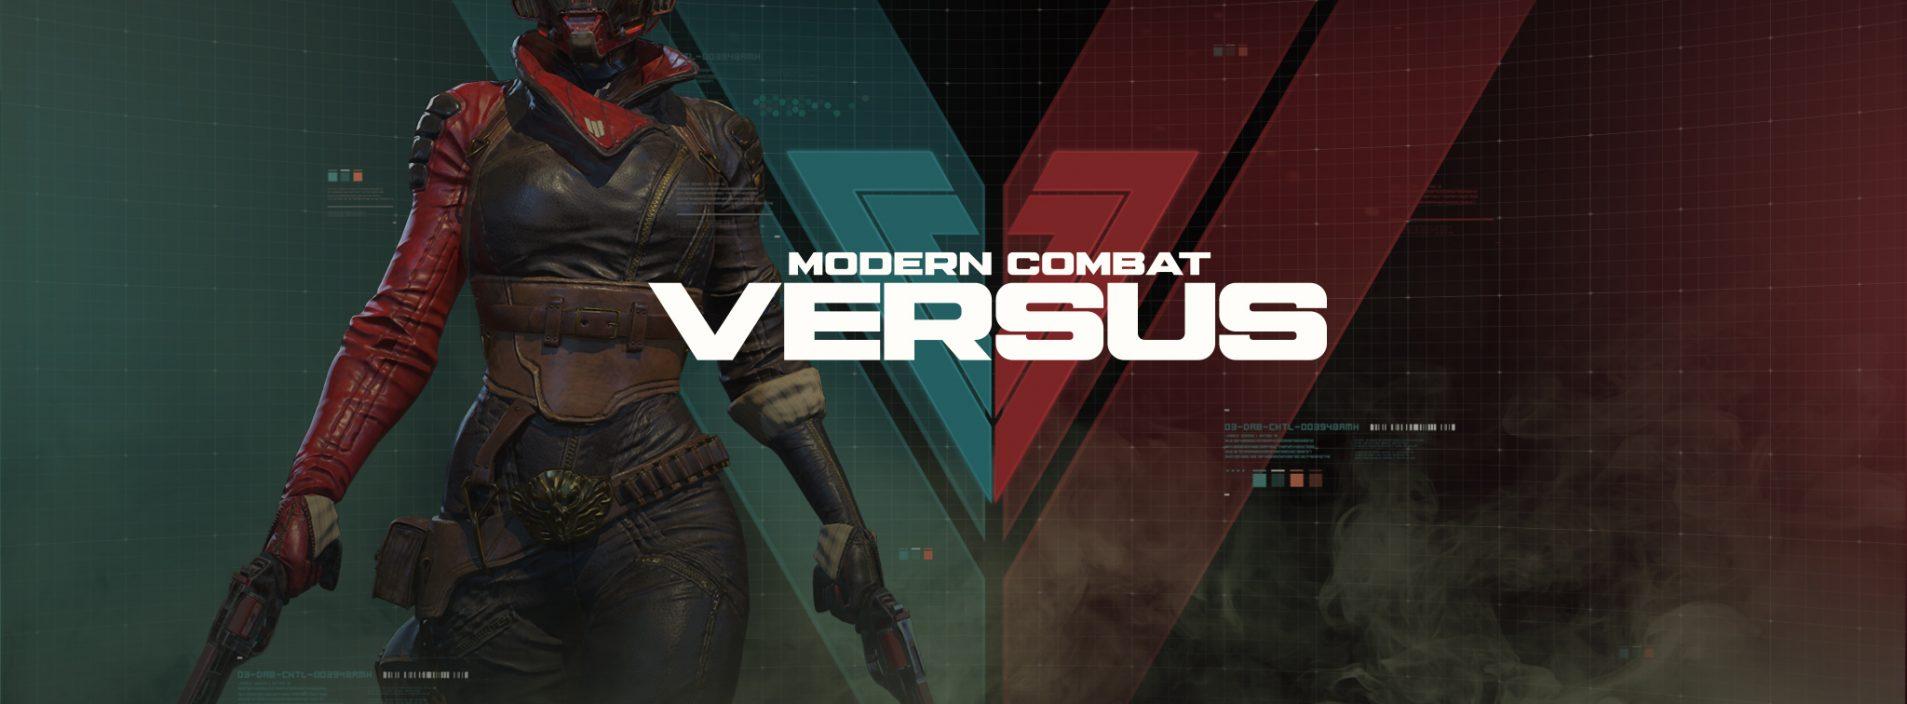 Multiplayer do Modern Combat Versus ganha batalhas por clãs